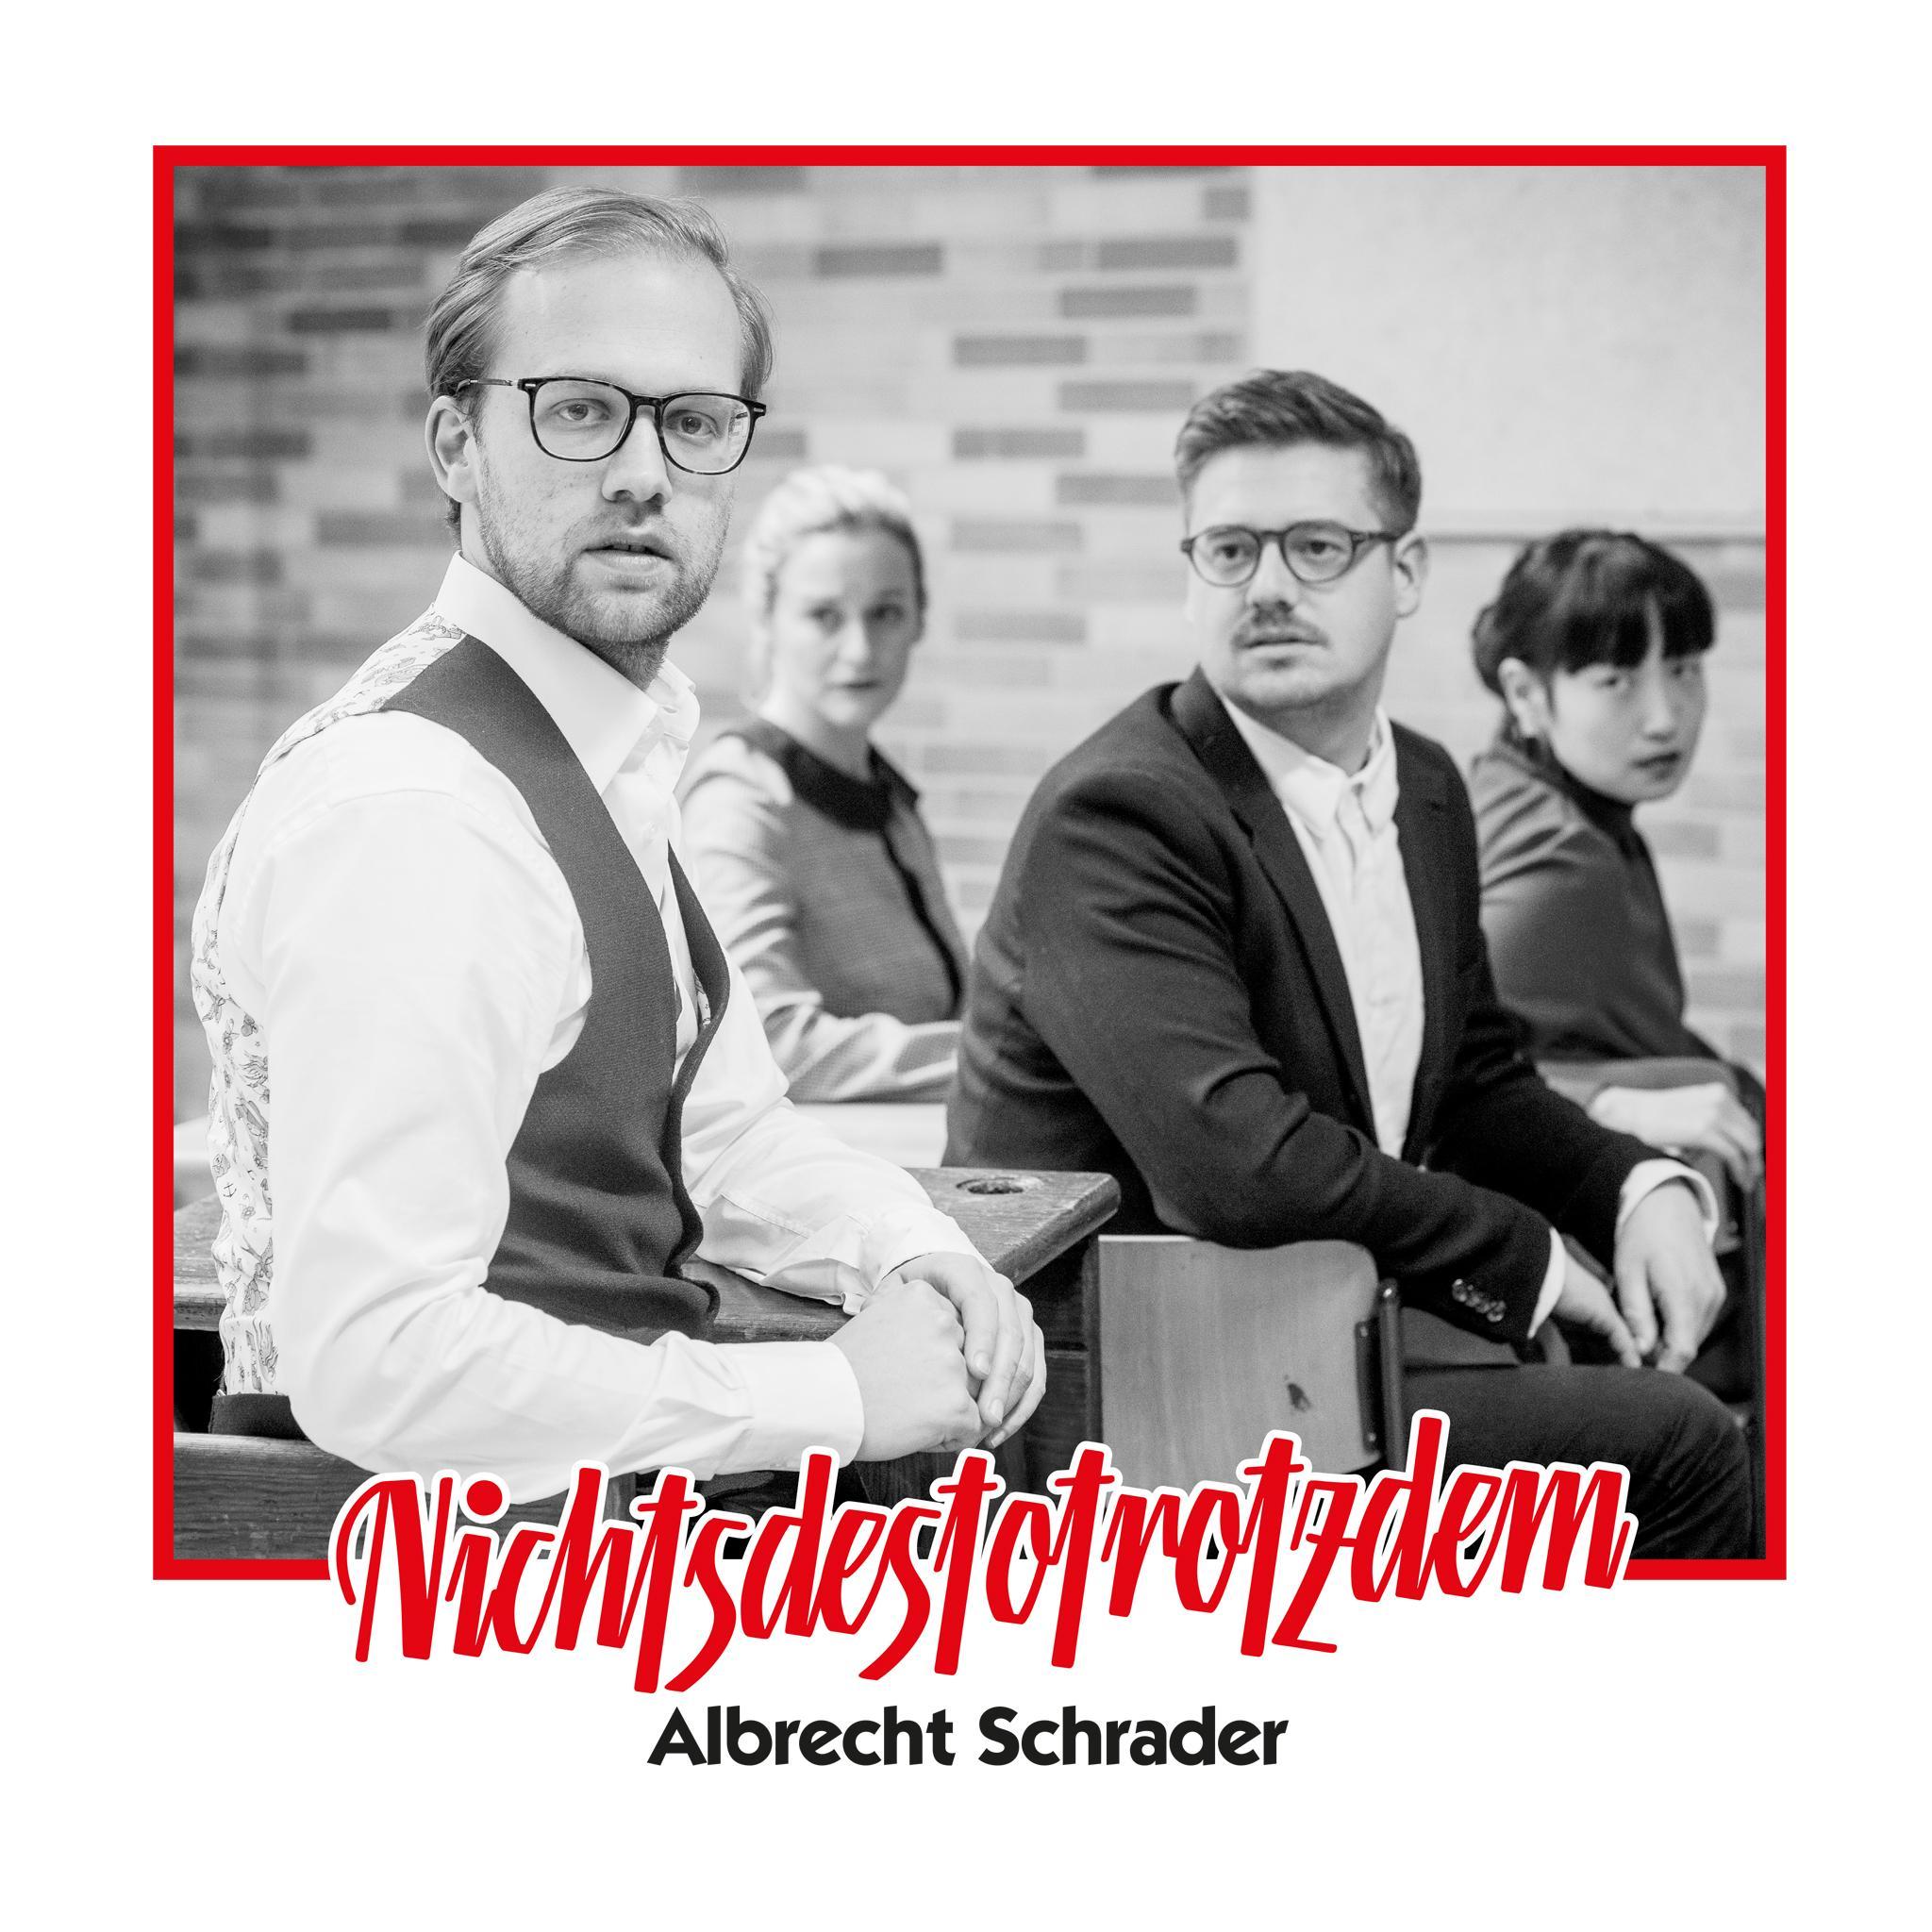 Albrecht Schrader – Nichtsdestotrotzdem